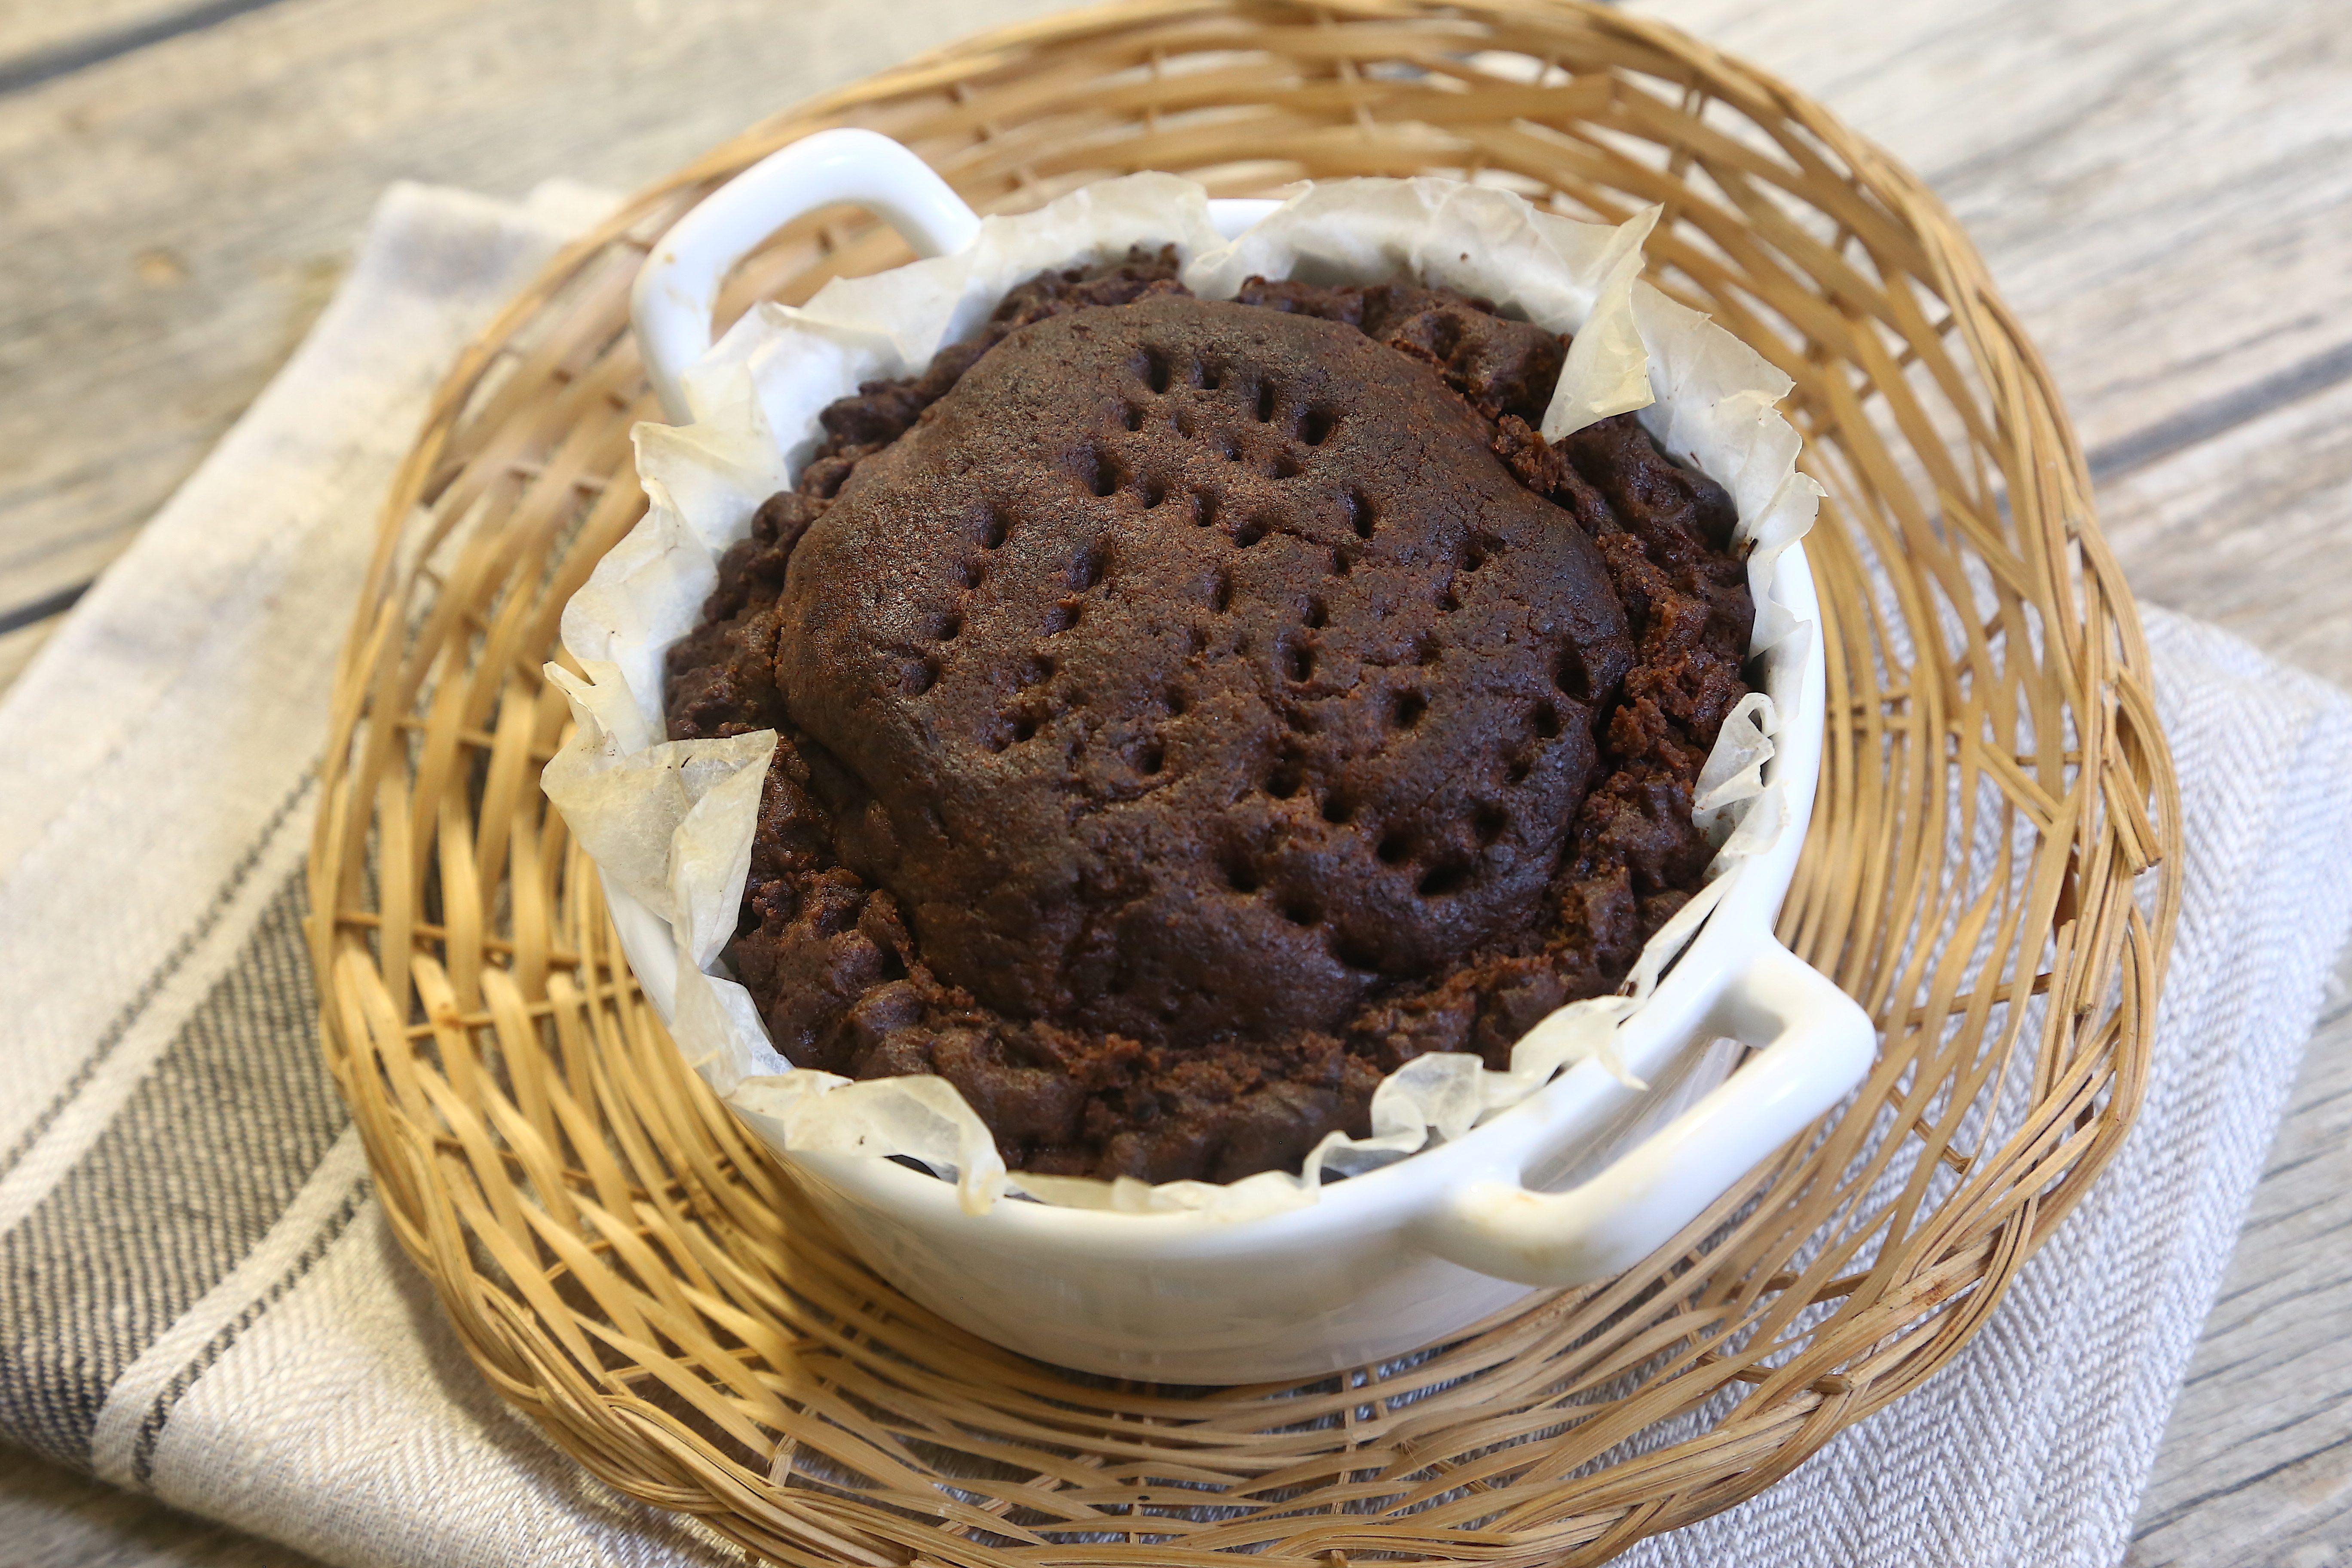 Pasticciotti al cioccolato: la ricetta della variante golosa del classico dolce pugliese